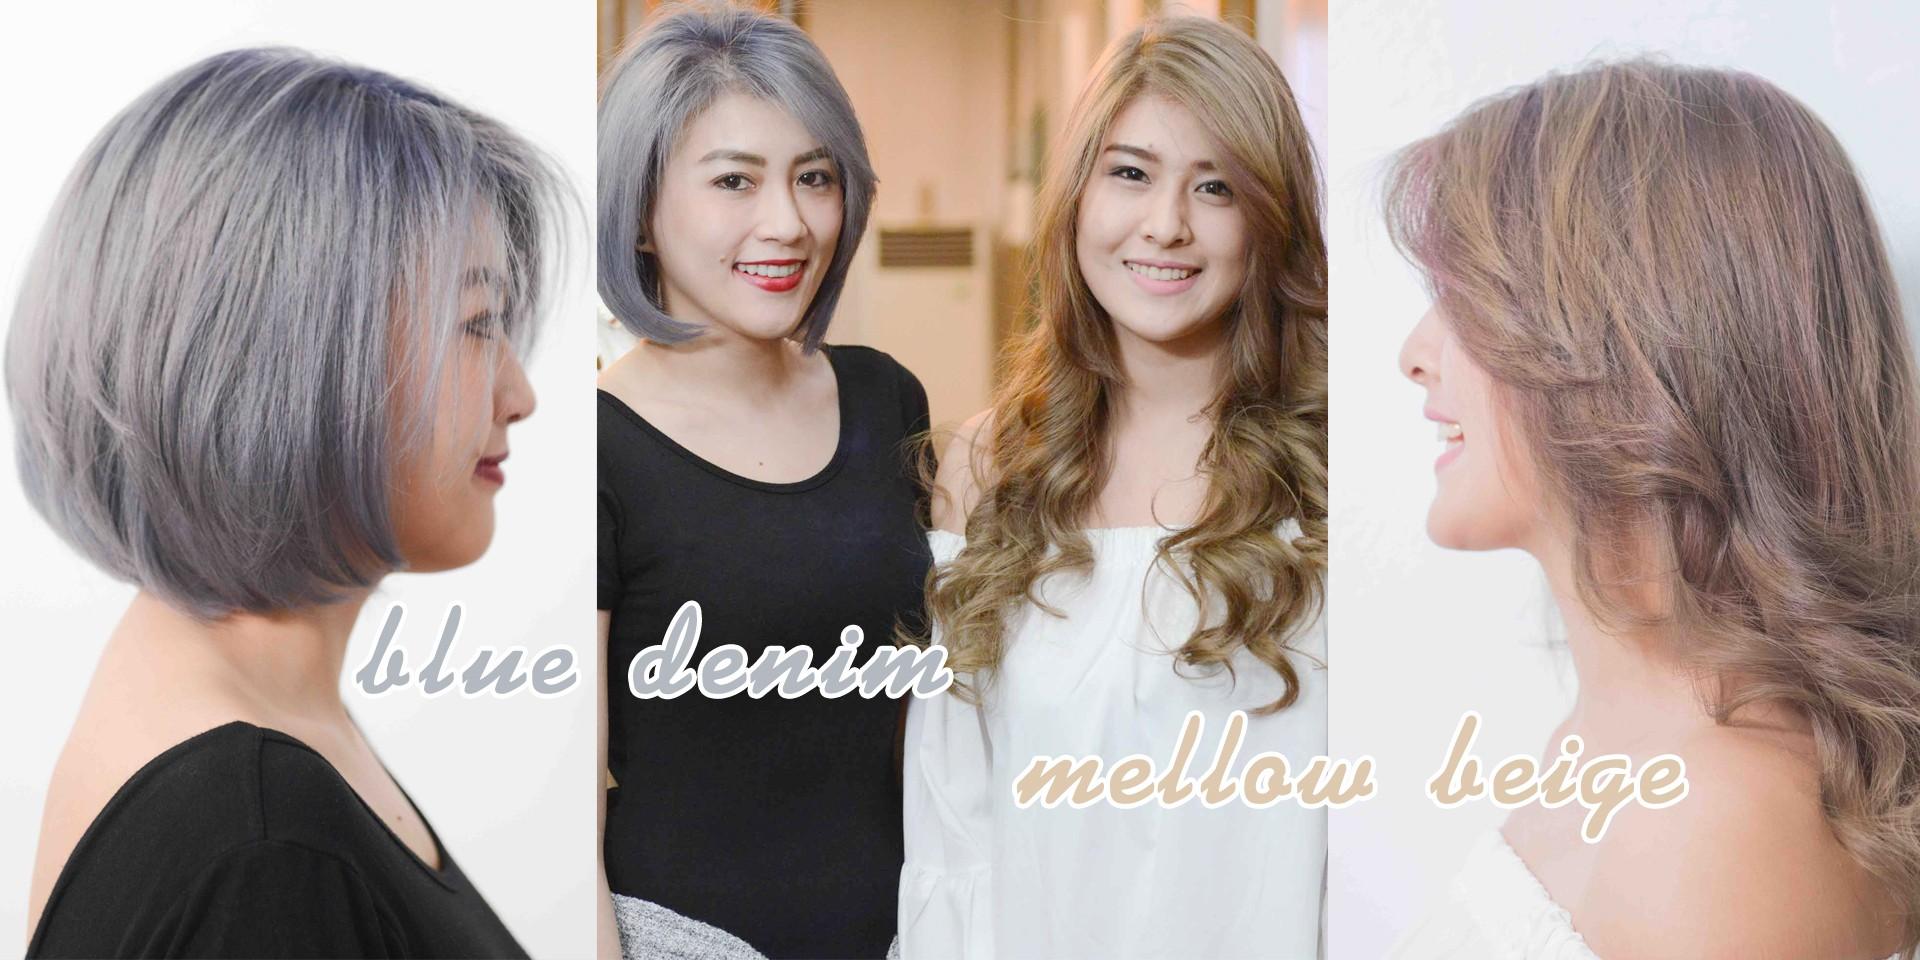 รีวิวสีผมสวยสุดโกลว! กับสี Mellow Beige & Blue Denim